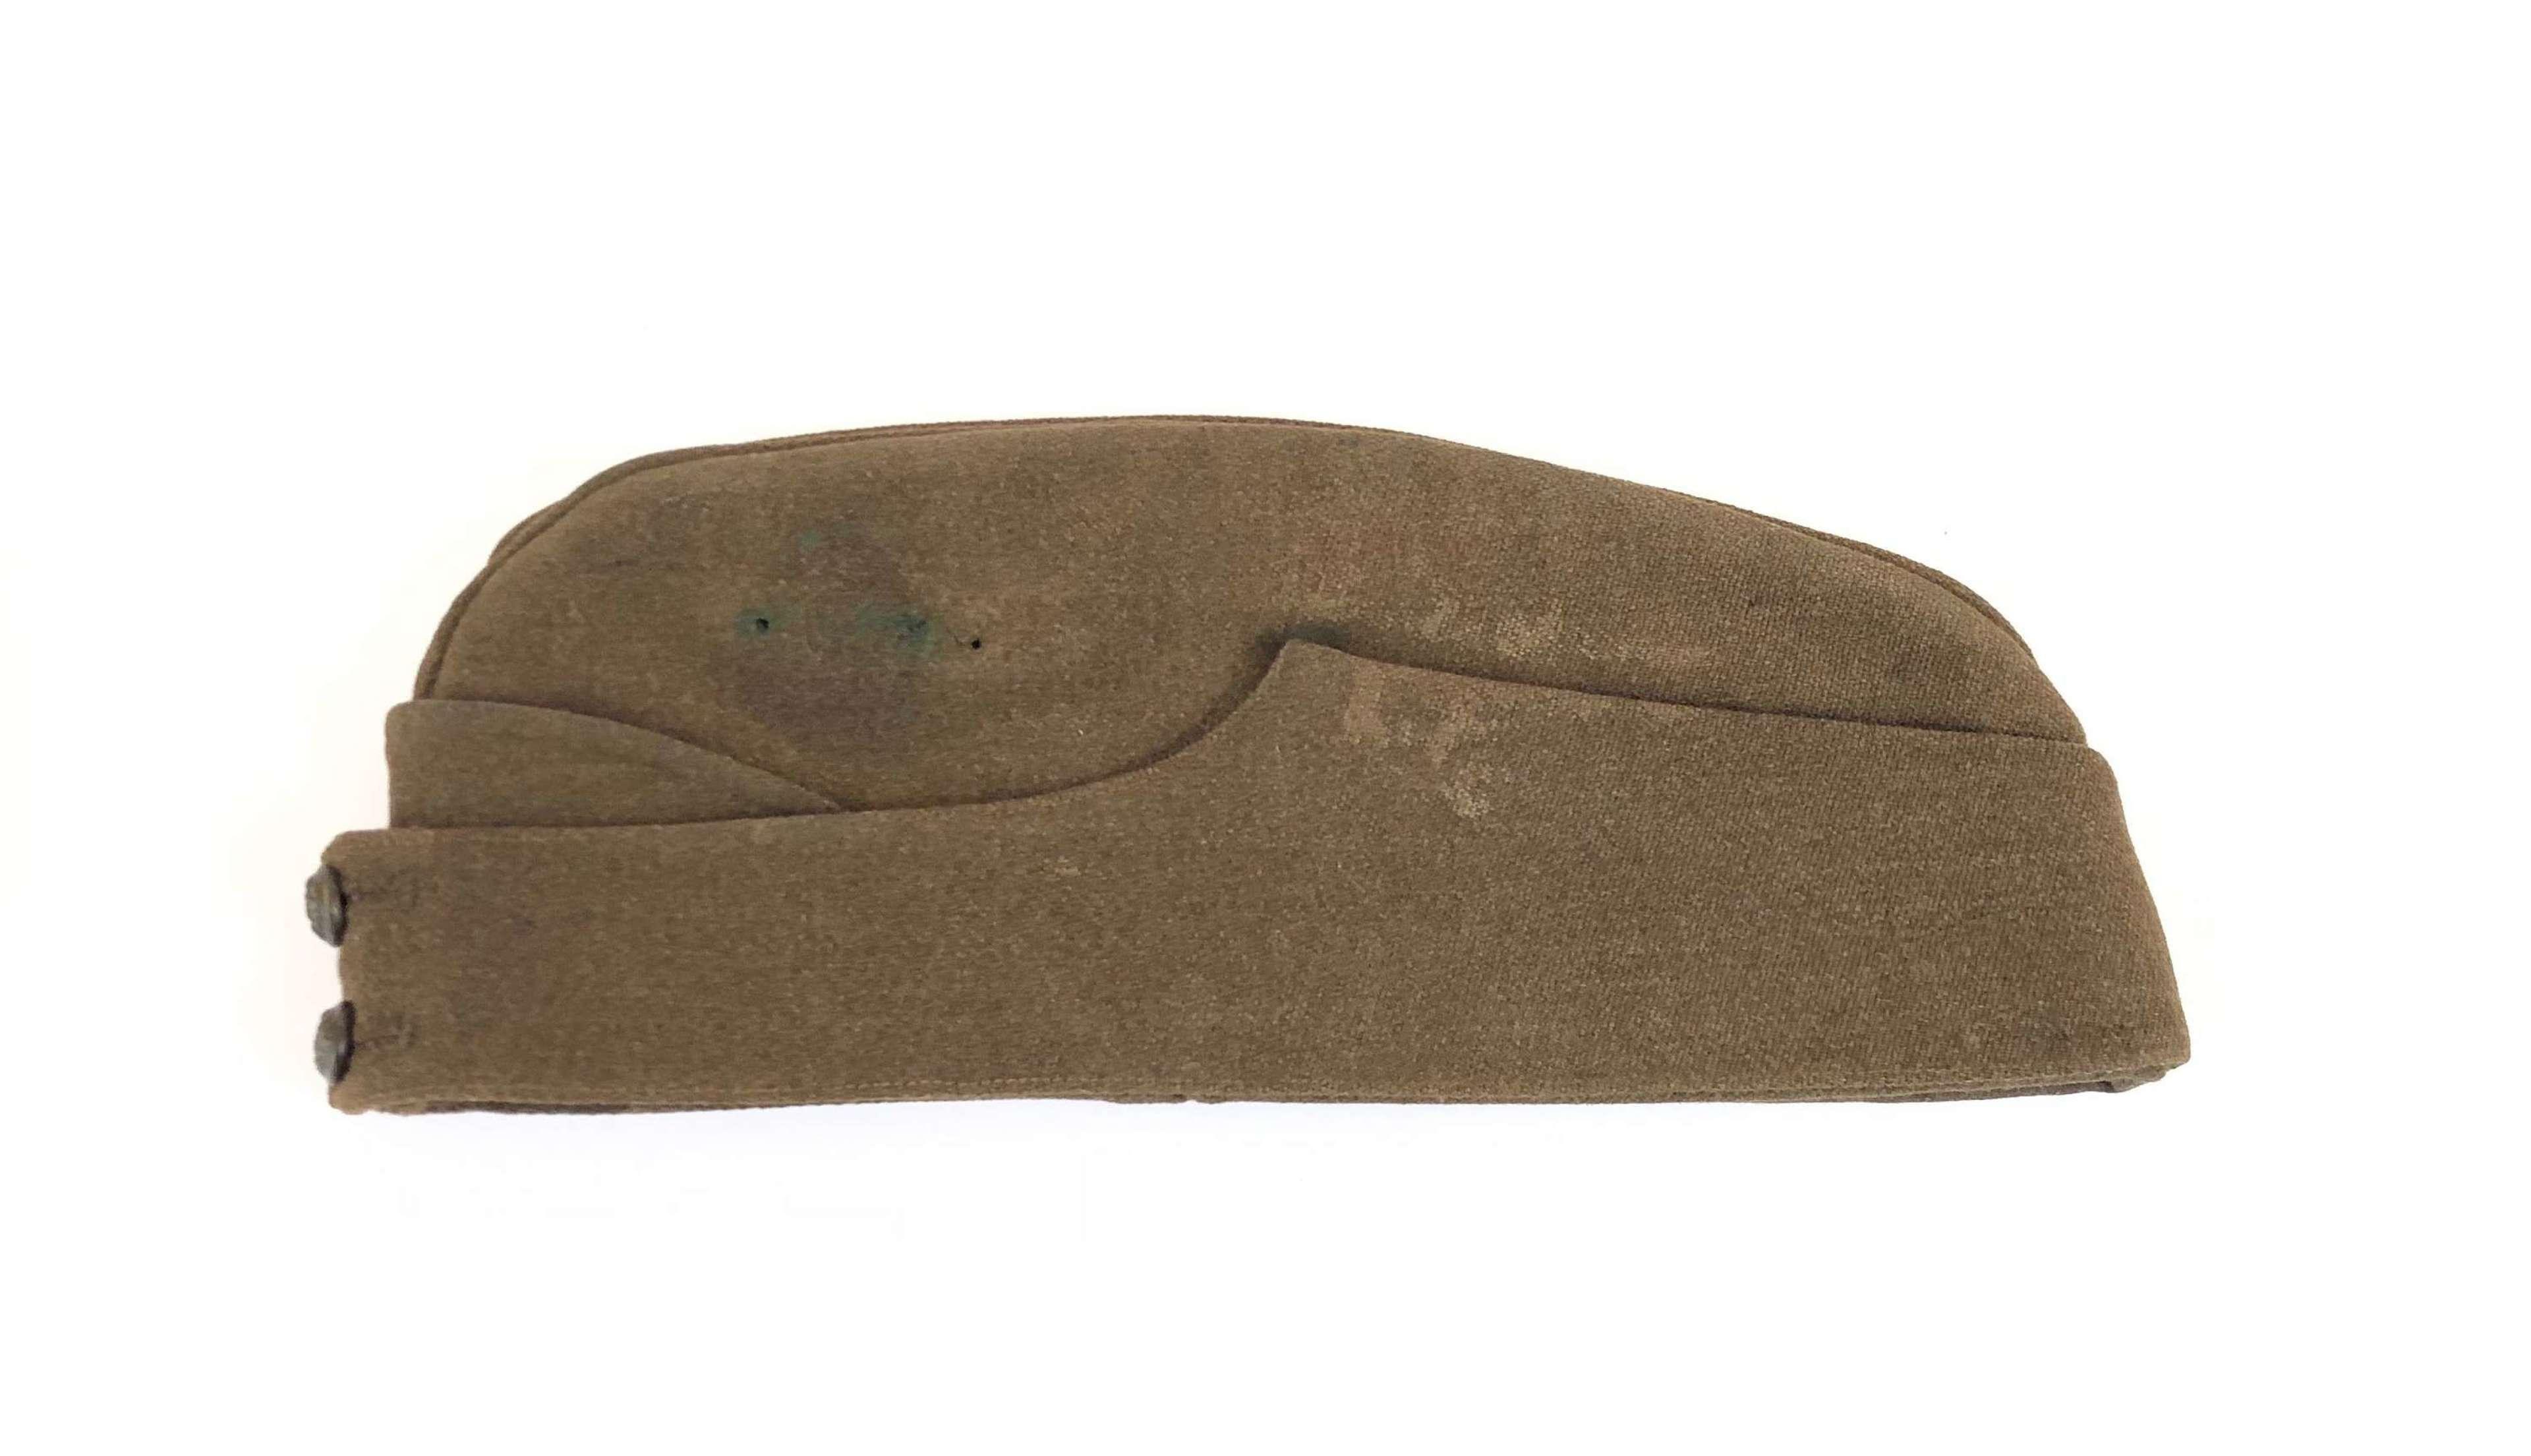 WW2 Period British Officer's Side Cap.